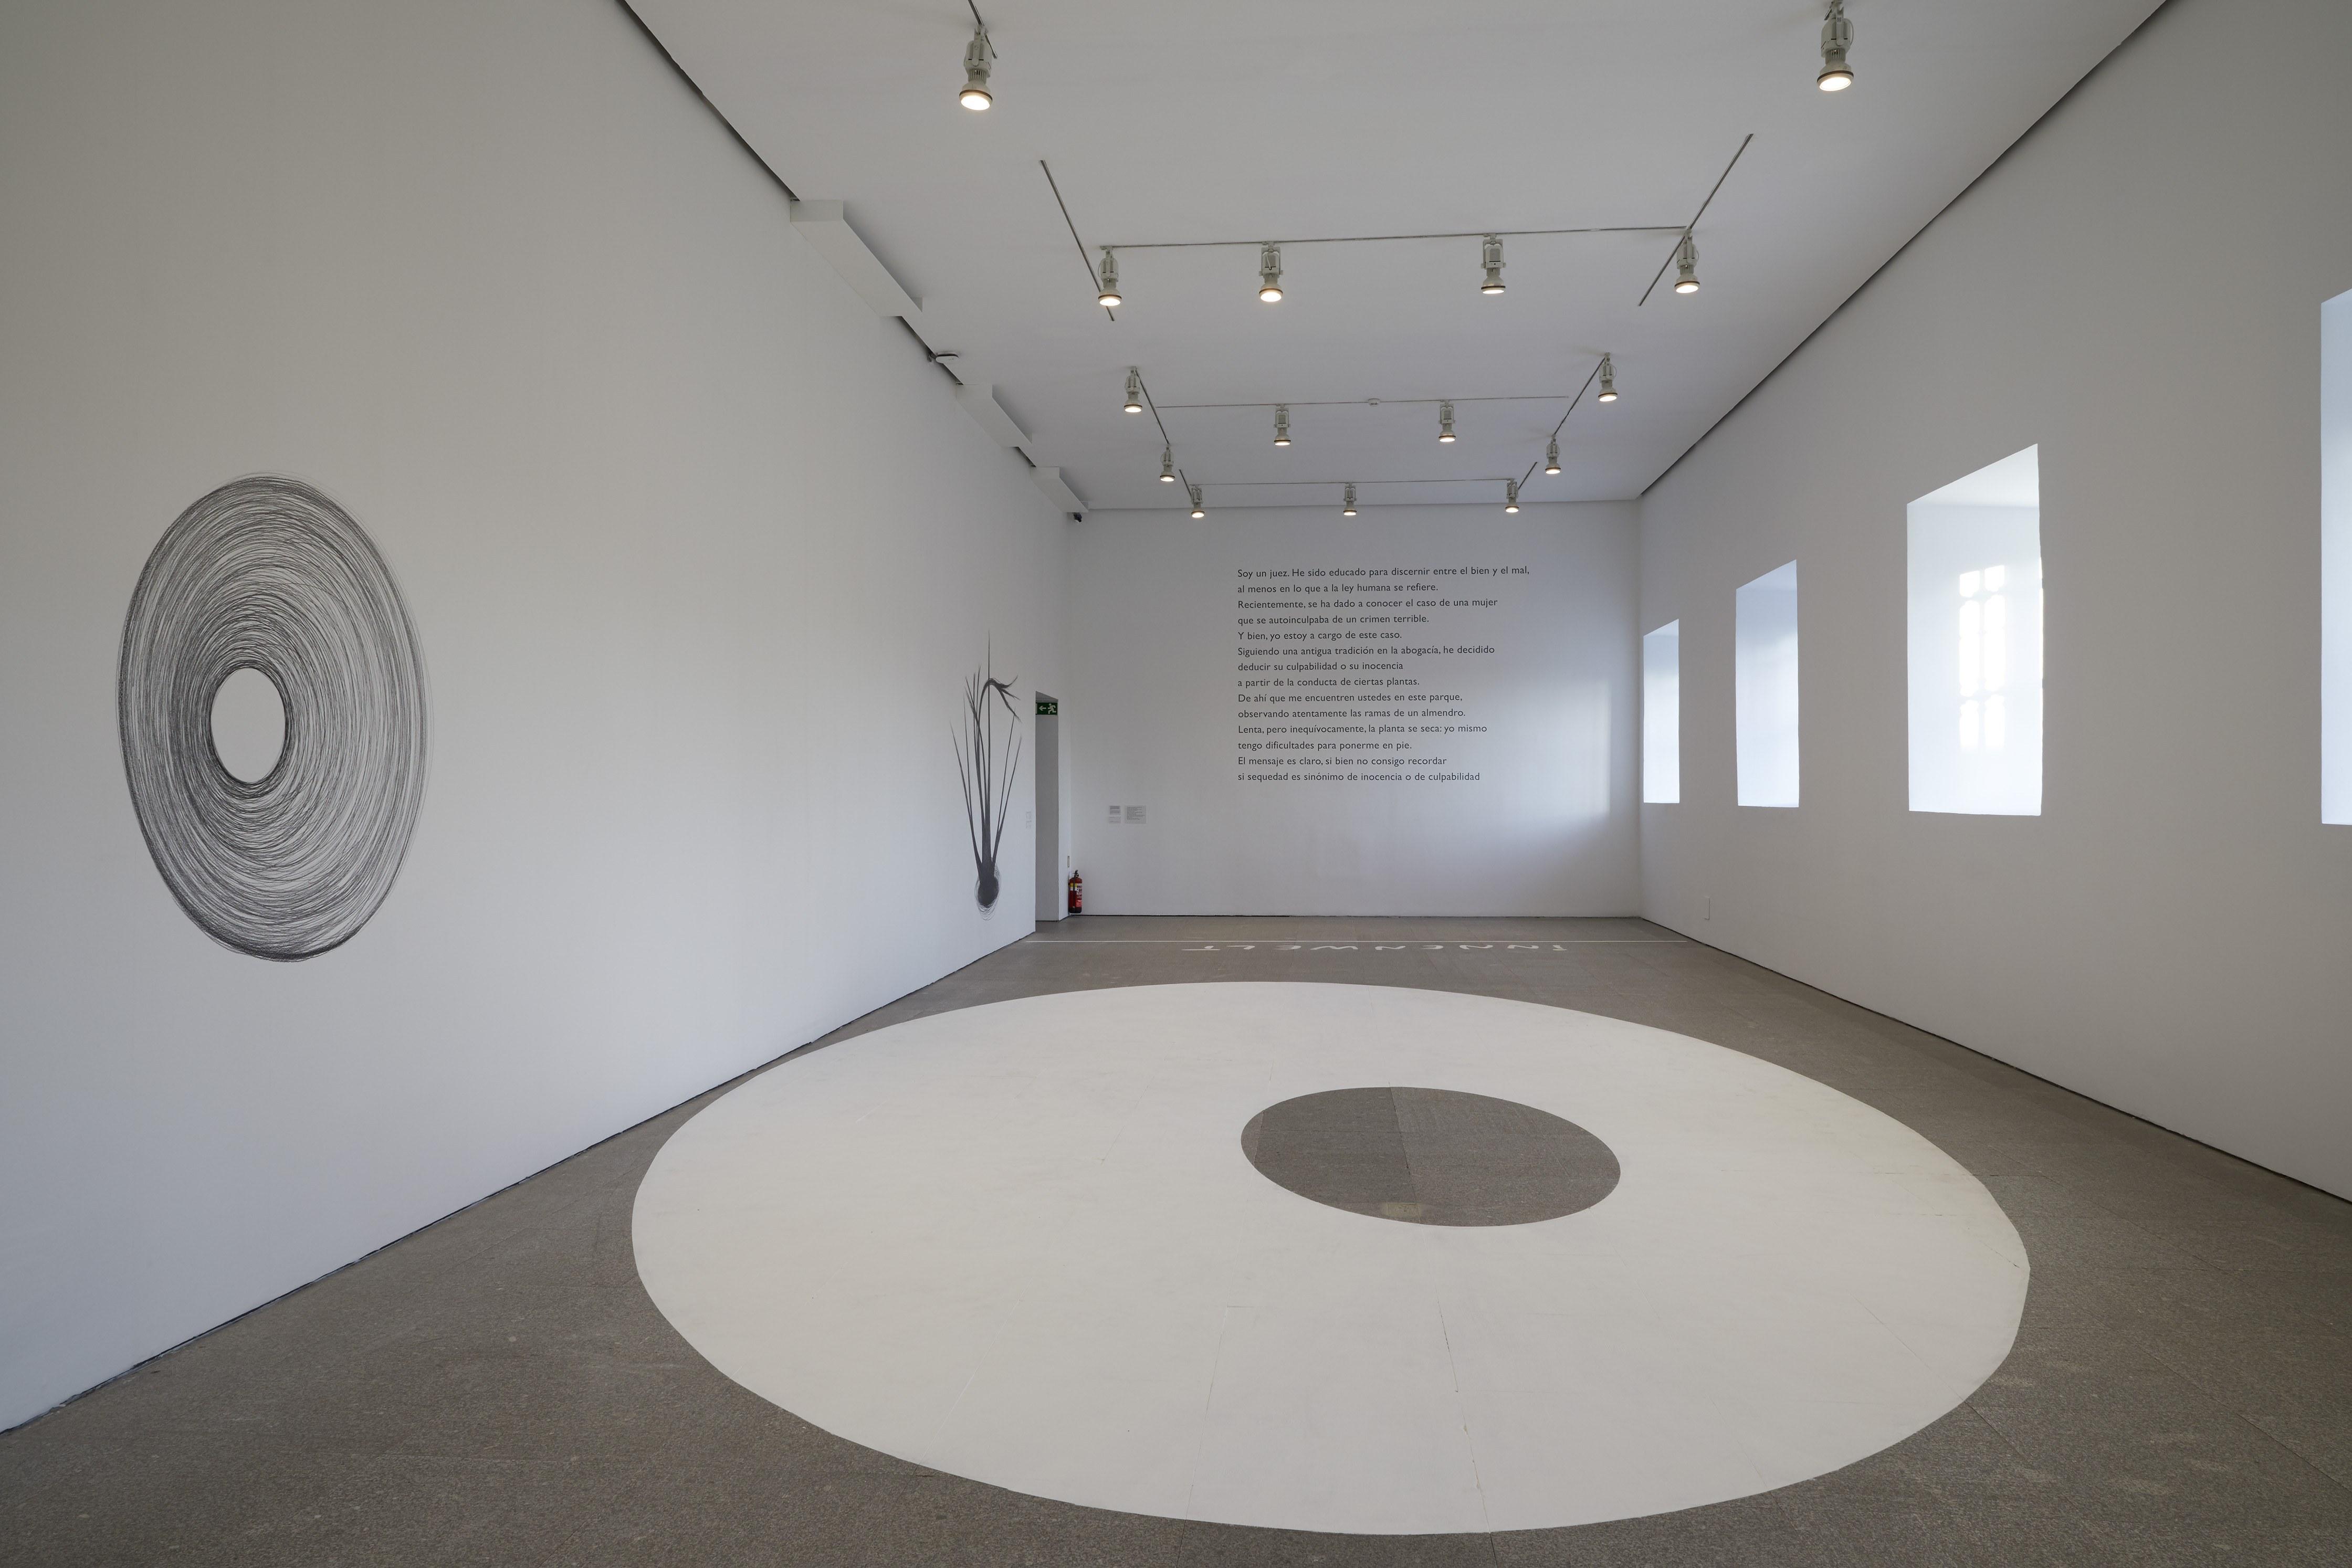 Segunda Vez, Museo Nacional Centro de Arte Reina Sofía, Madrid, 2018 |  | ProjecteSD